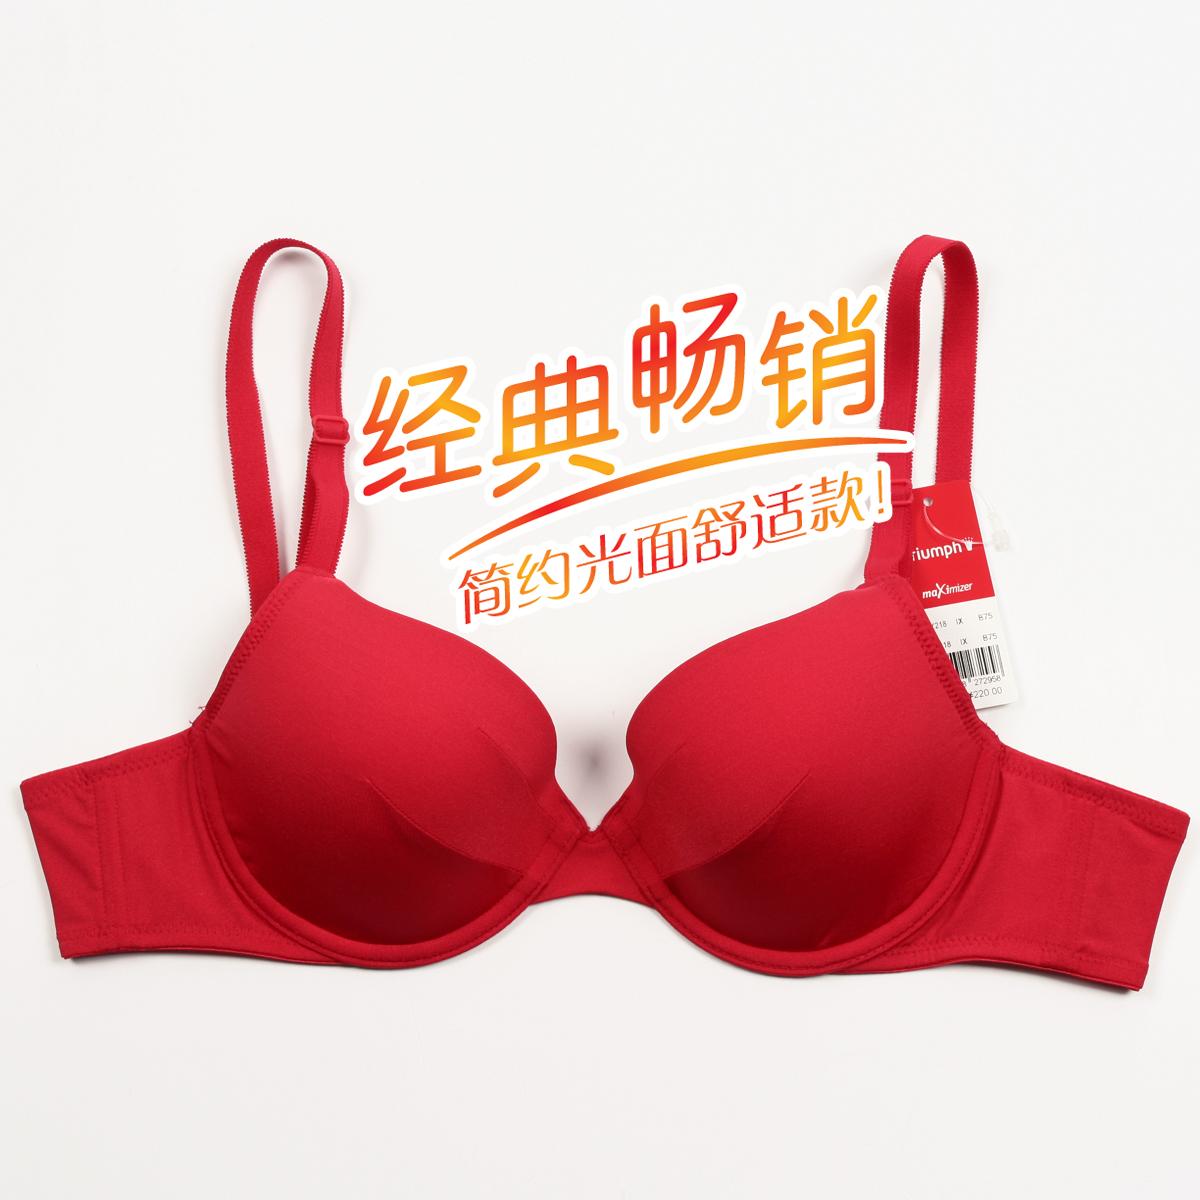 黛安芬专柜正品内衣 经典款光面文胸H16-218(H16Y218)特价 送纸袋